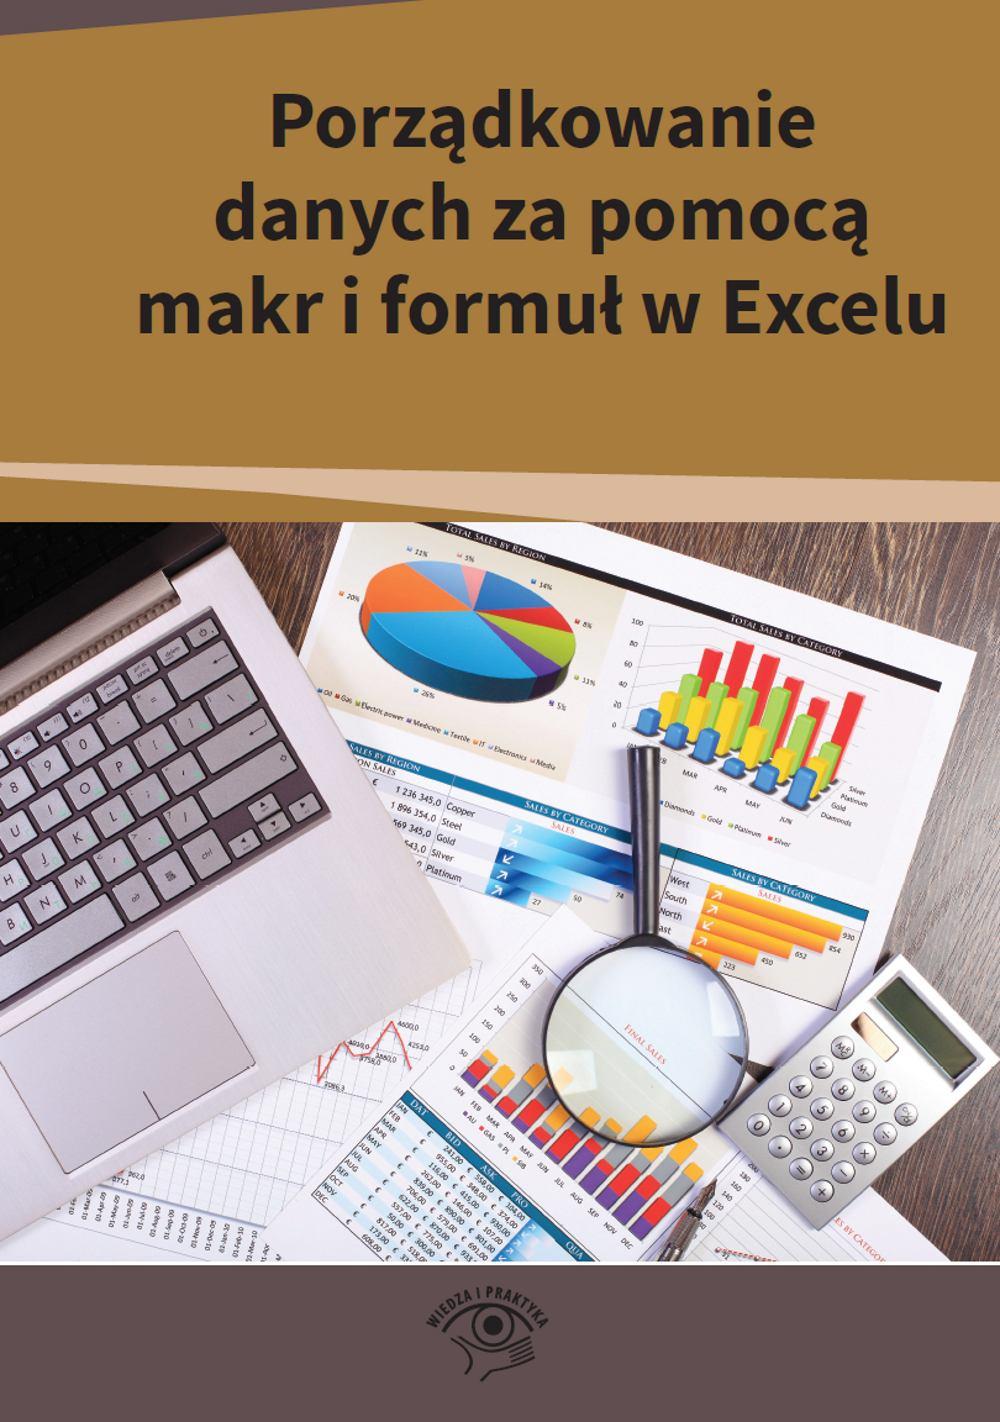 Porządkowanie danych za pomocą makr i formuł w Excelu - Ebook (Książka na Kindle) do pobrania w formacie MOBI